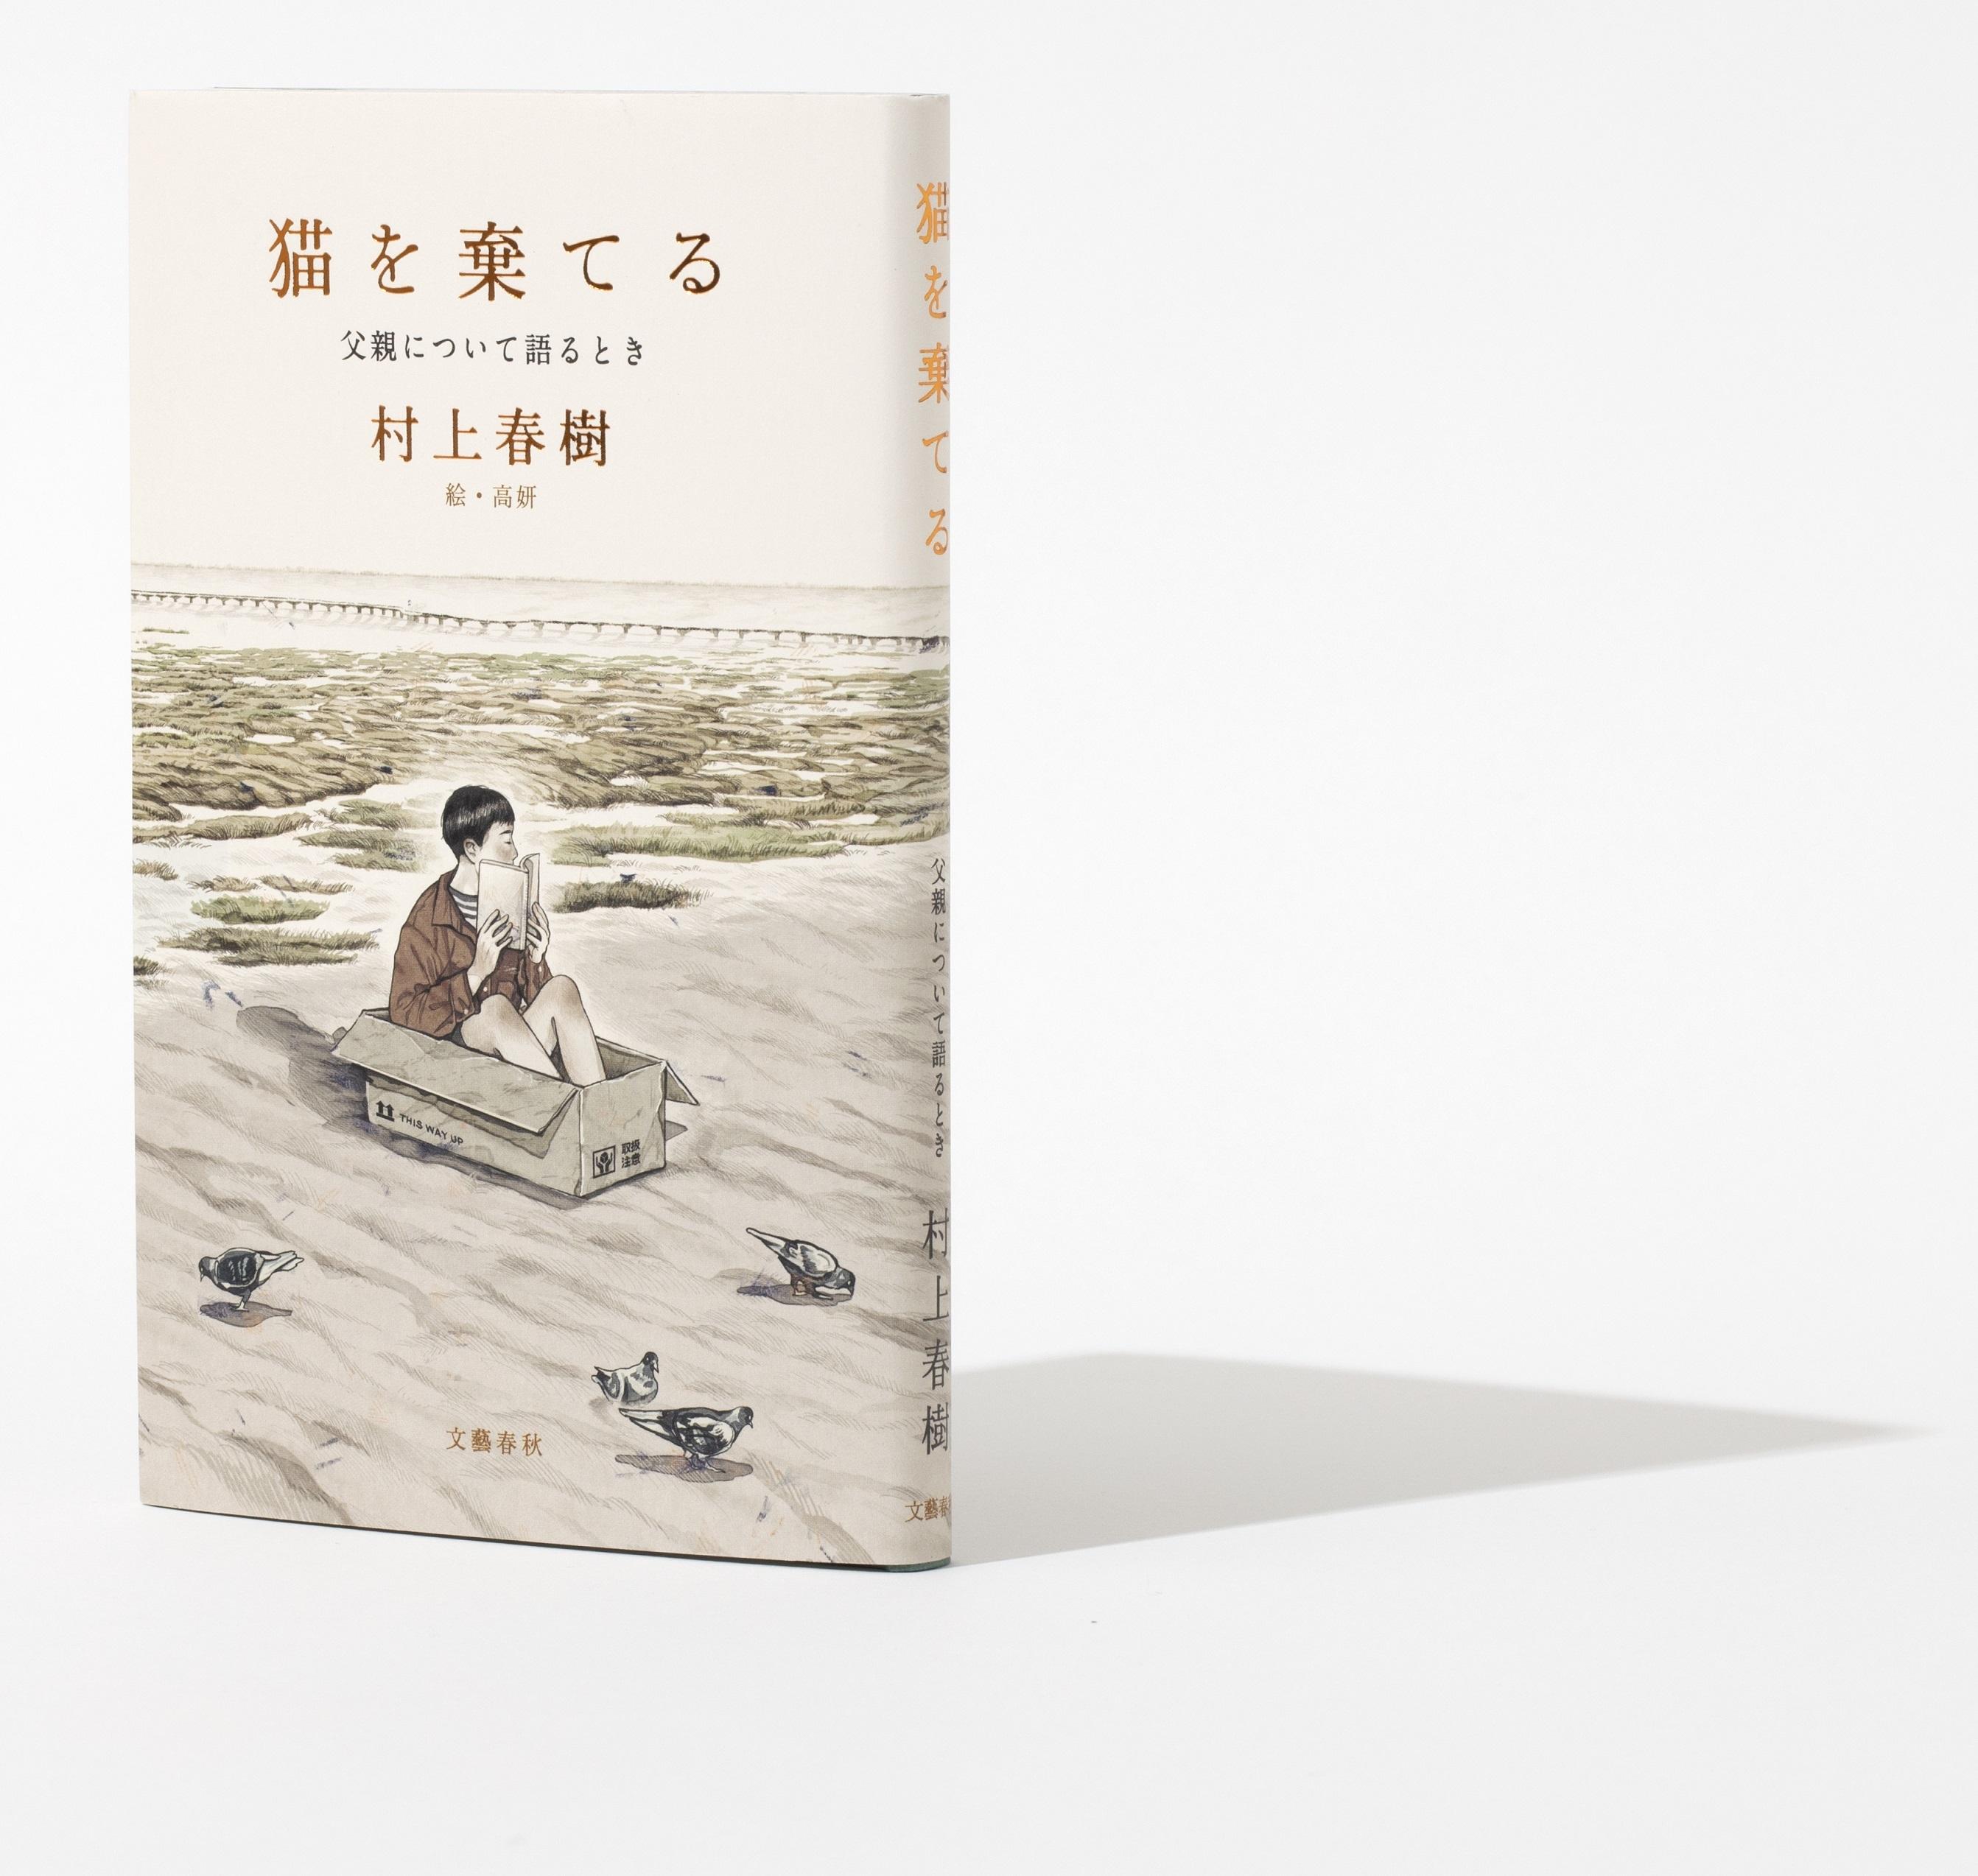 【BOOK #02】この先の社会が気になる今だからこそ、著者とともに内面を見つめる時間を_1_3